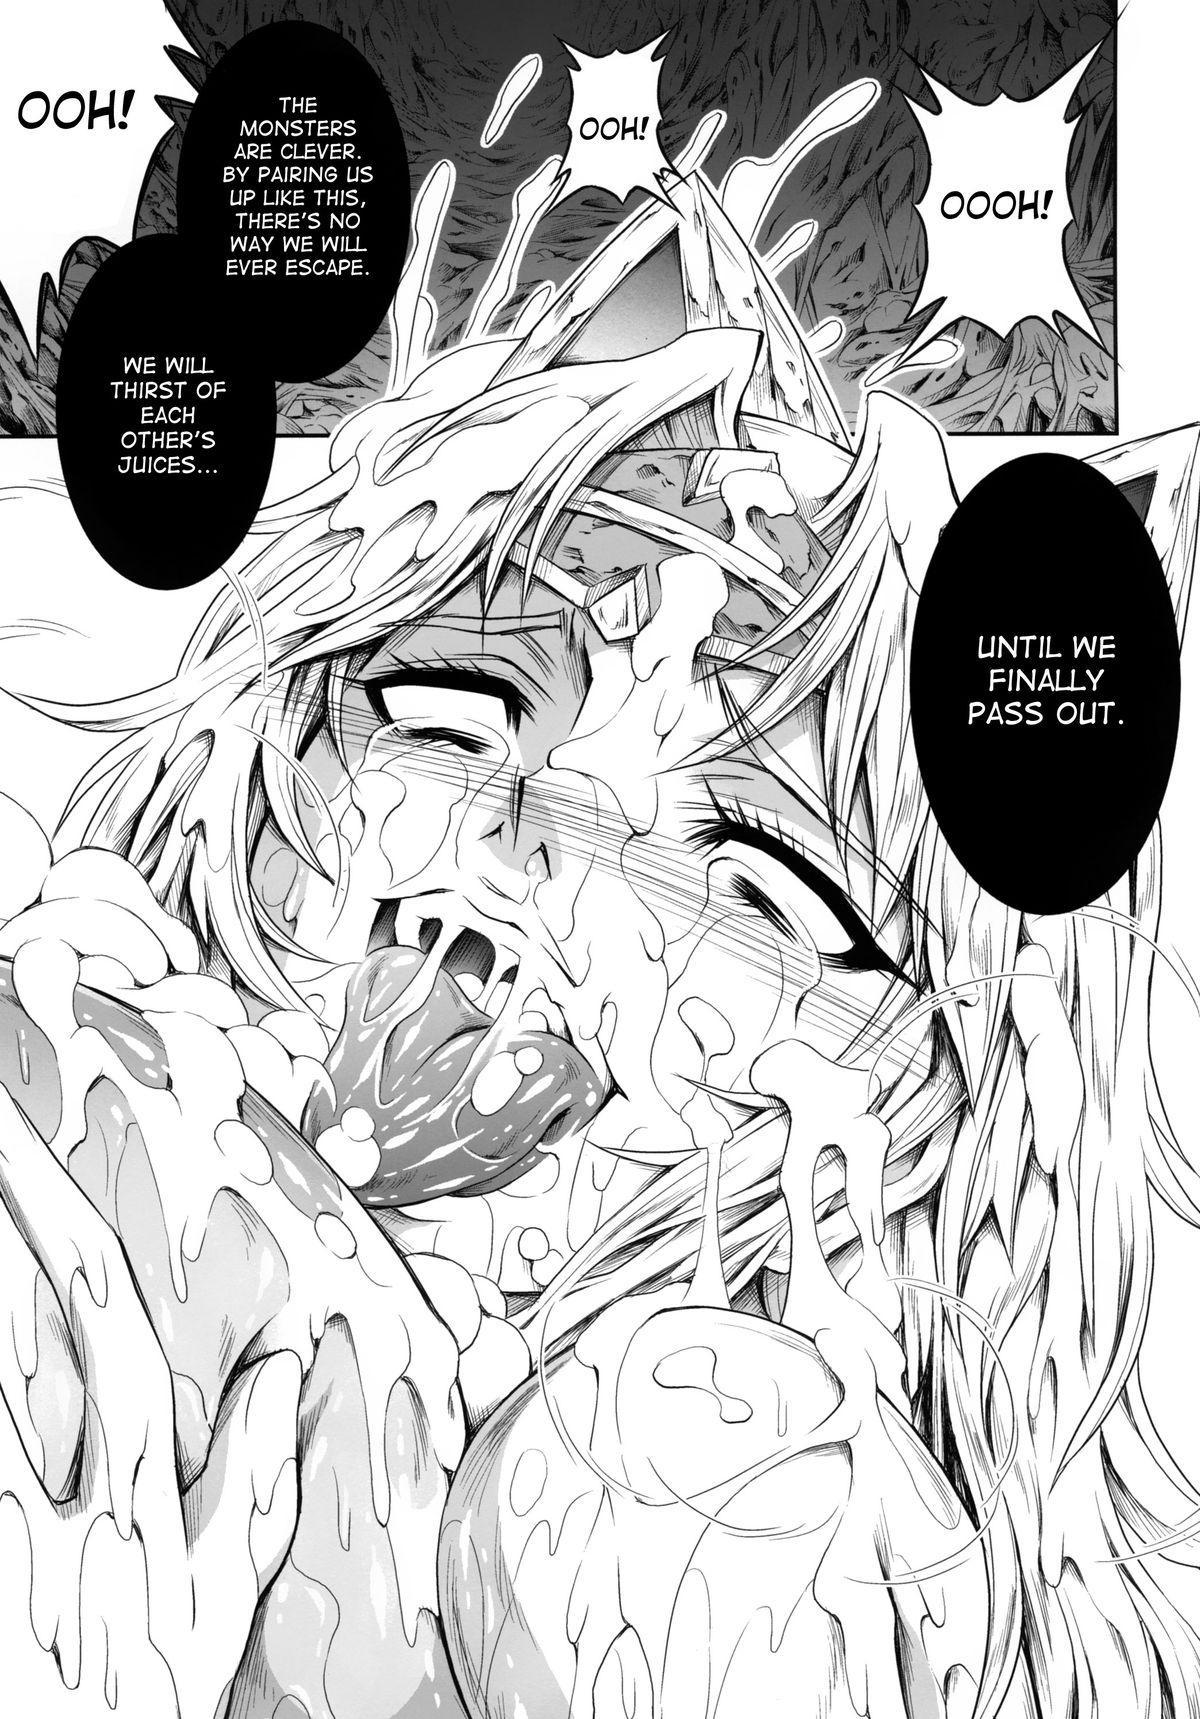 Solo Hunter no Seitai 4 The fourth part 7